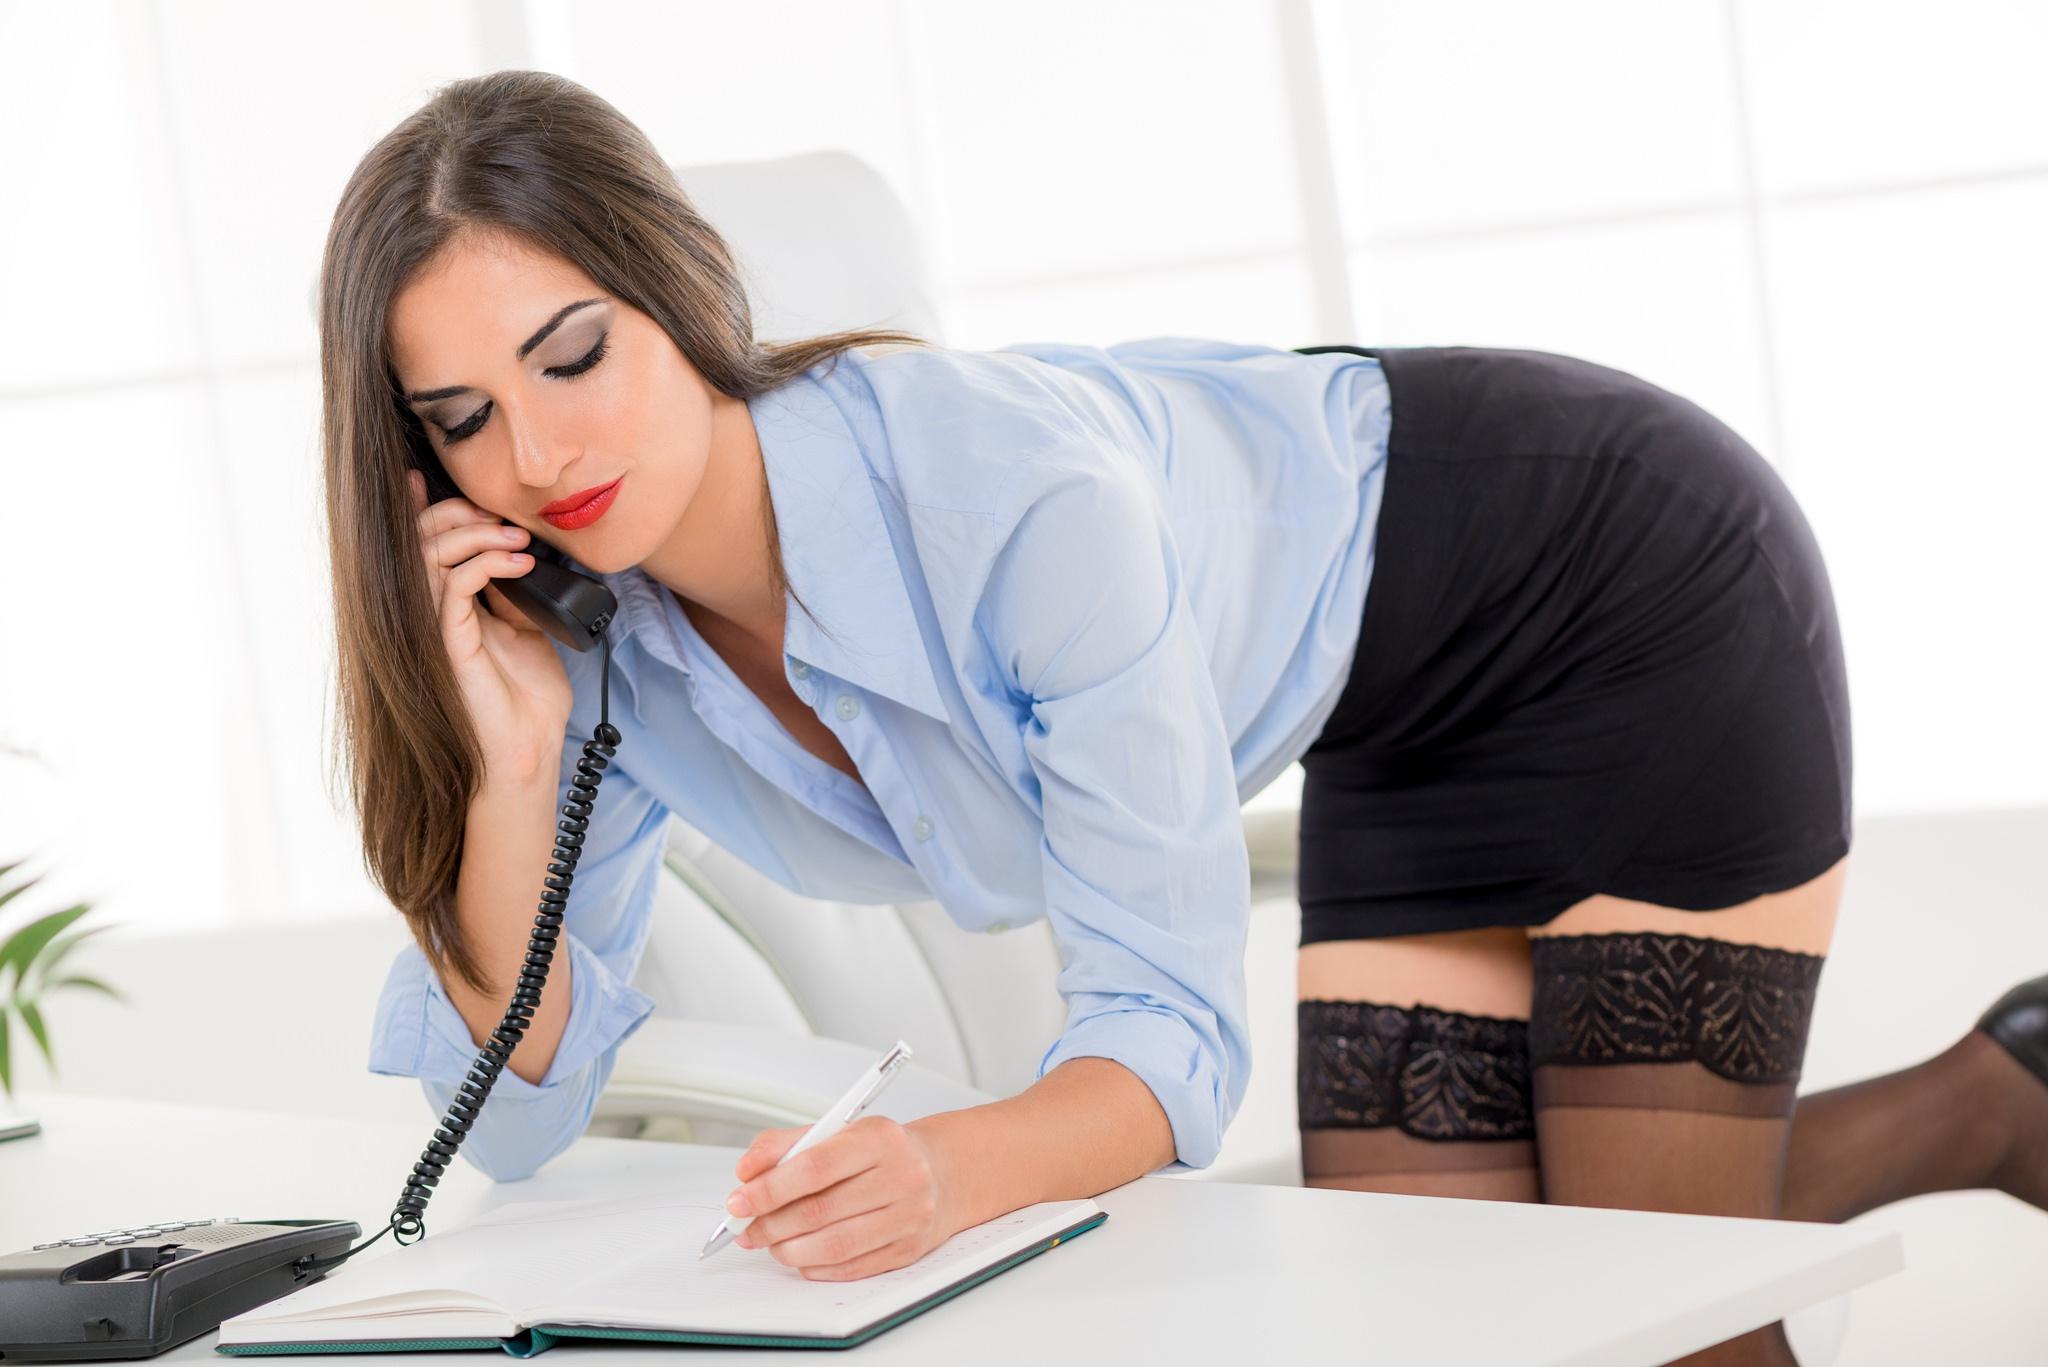 Секс в шефам, Секс с секретаршами - качественное бесплатное порно 28 фотография